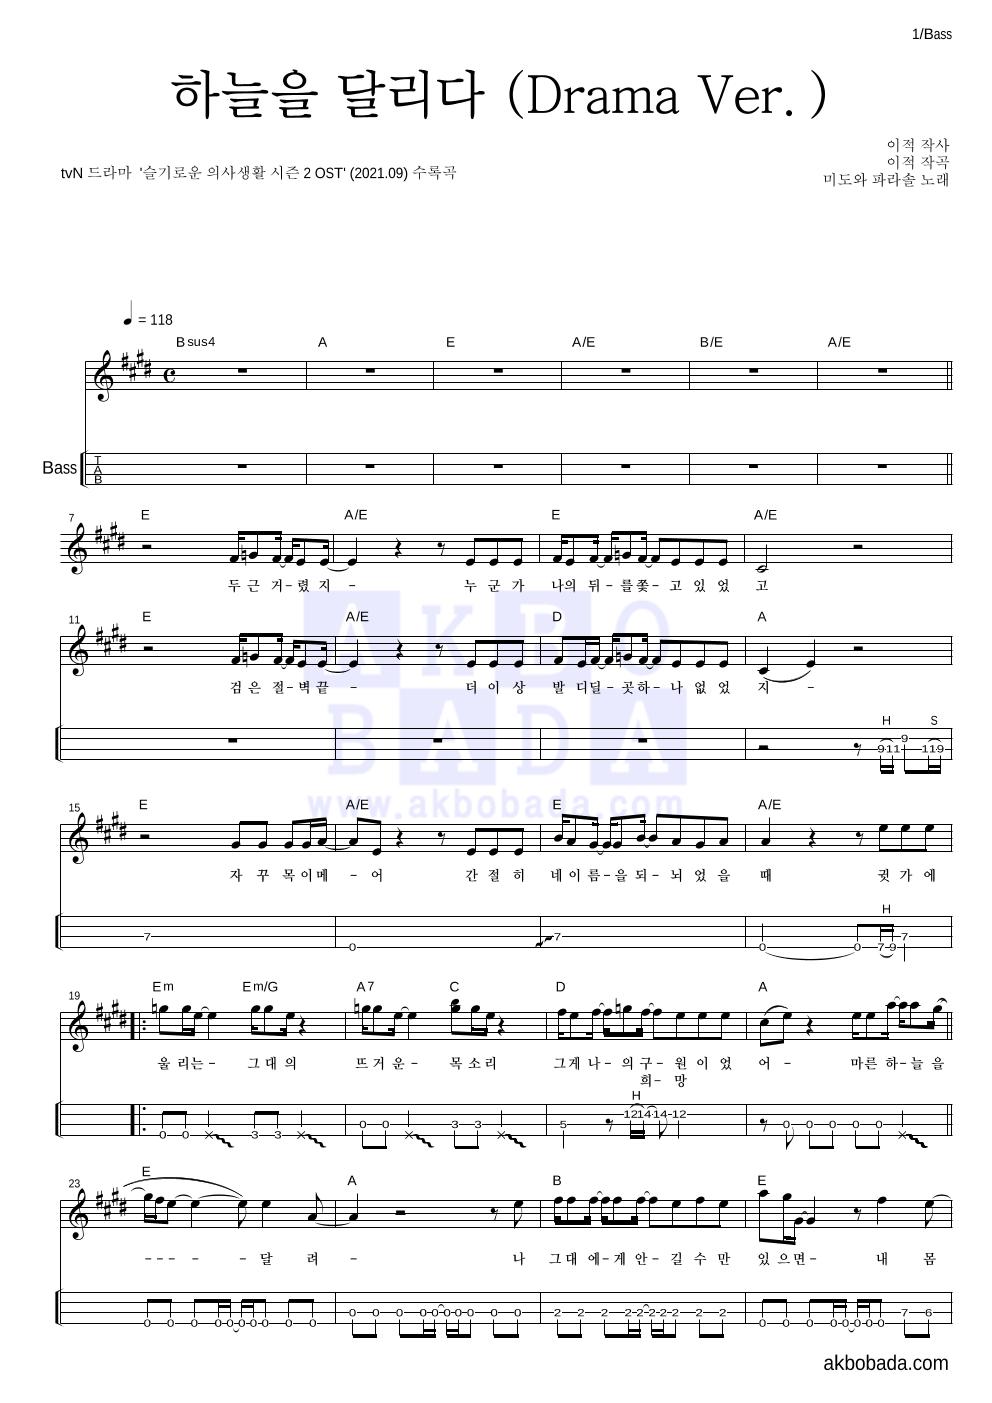 미도와 파라솔 - 하늘을 달리다 (Drama Ver.) 베이스(Tab) 악보